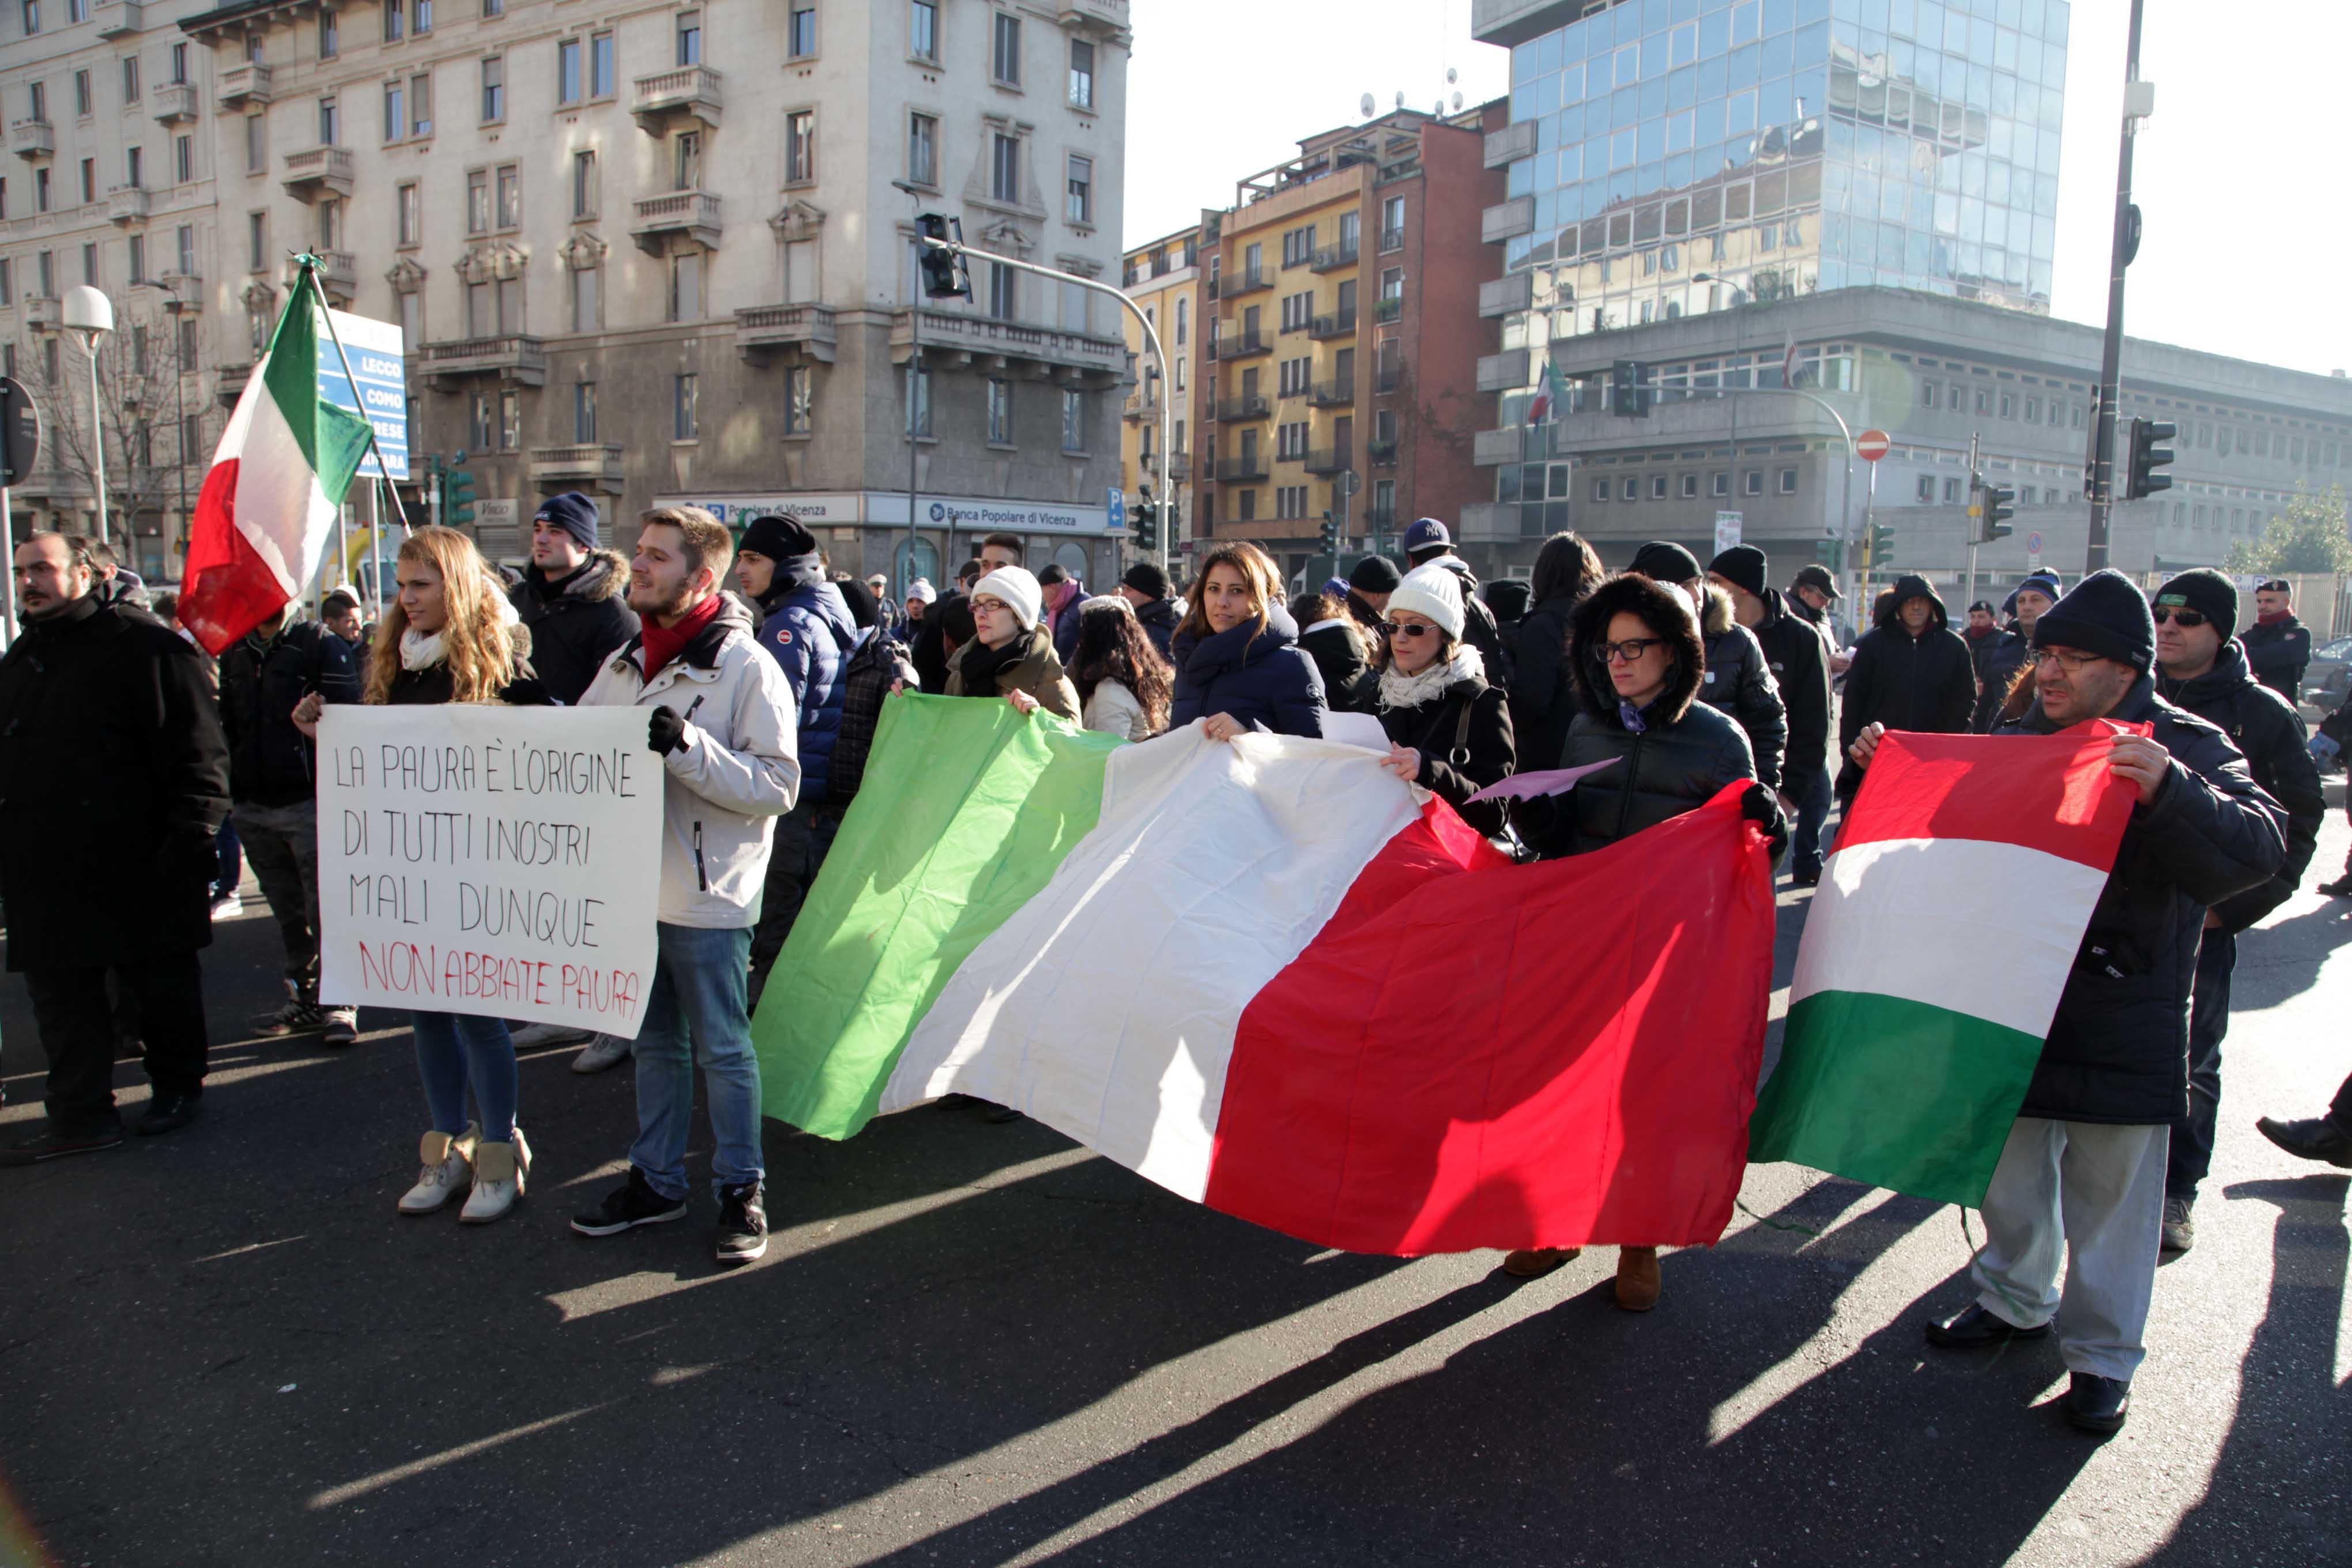 Forza italia i forconi sono la nostra gente for Forza italia deputati